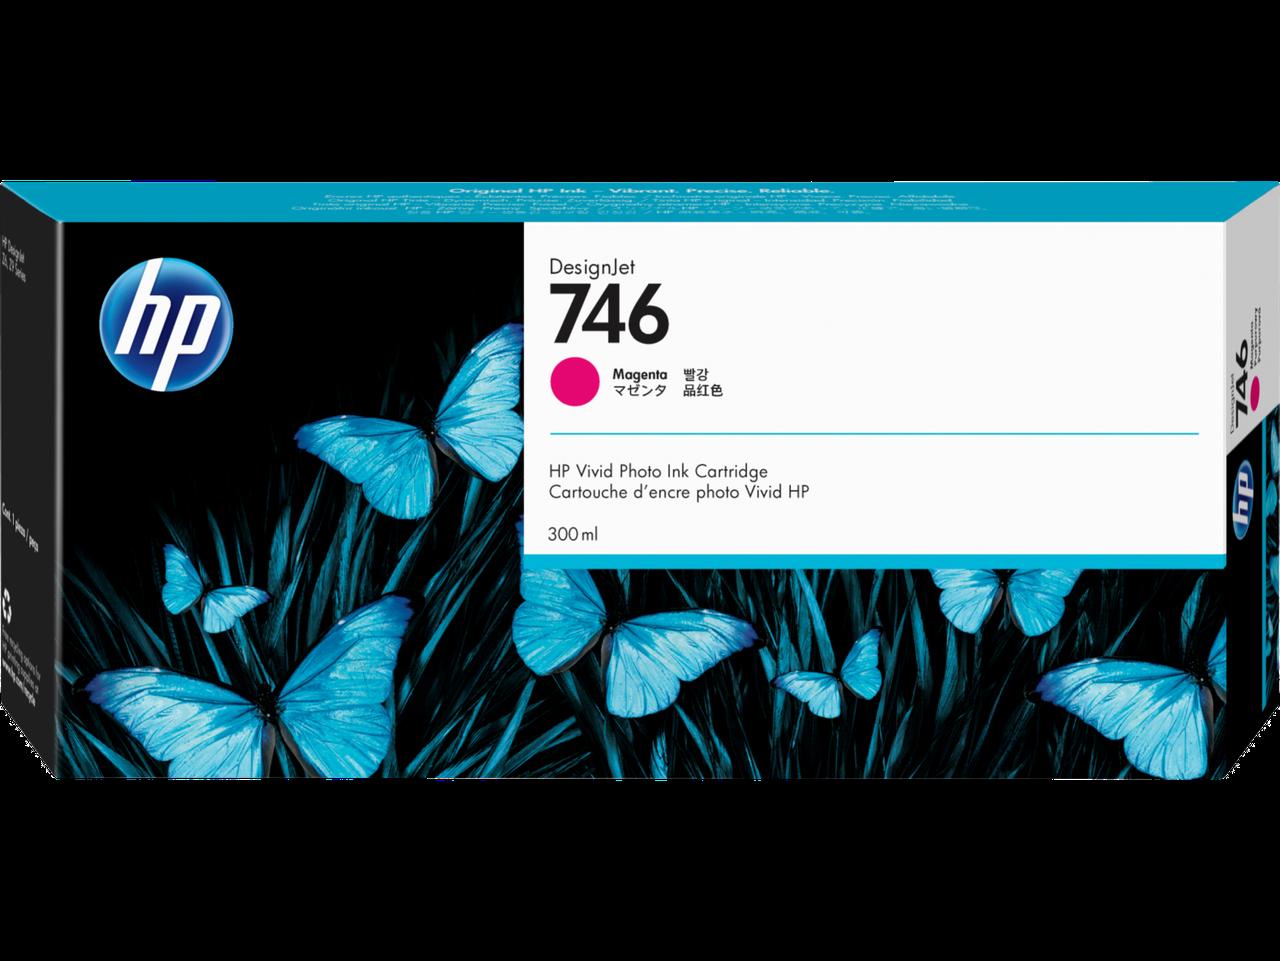 HP P2V78A Картридж пурпурный HP 746 для DesignJet Z6/Z9+, 300 мл